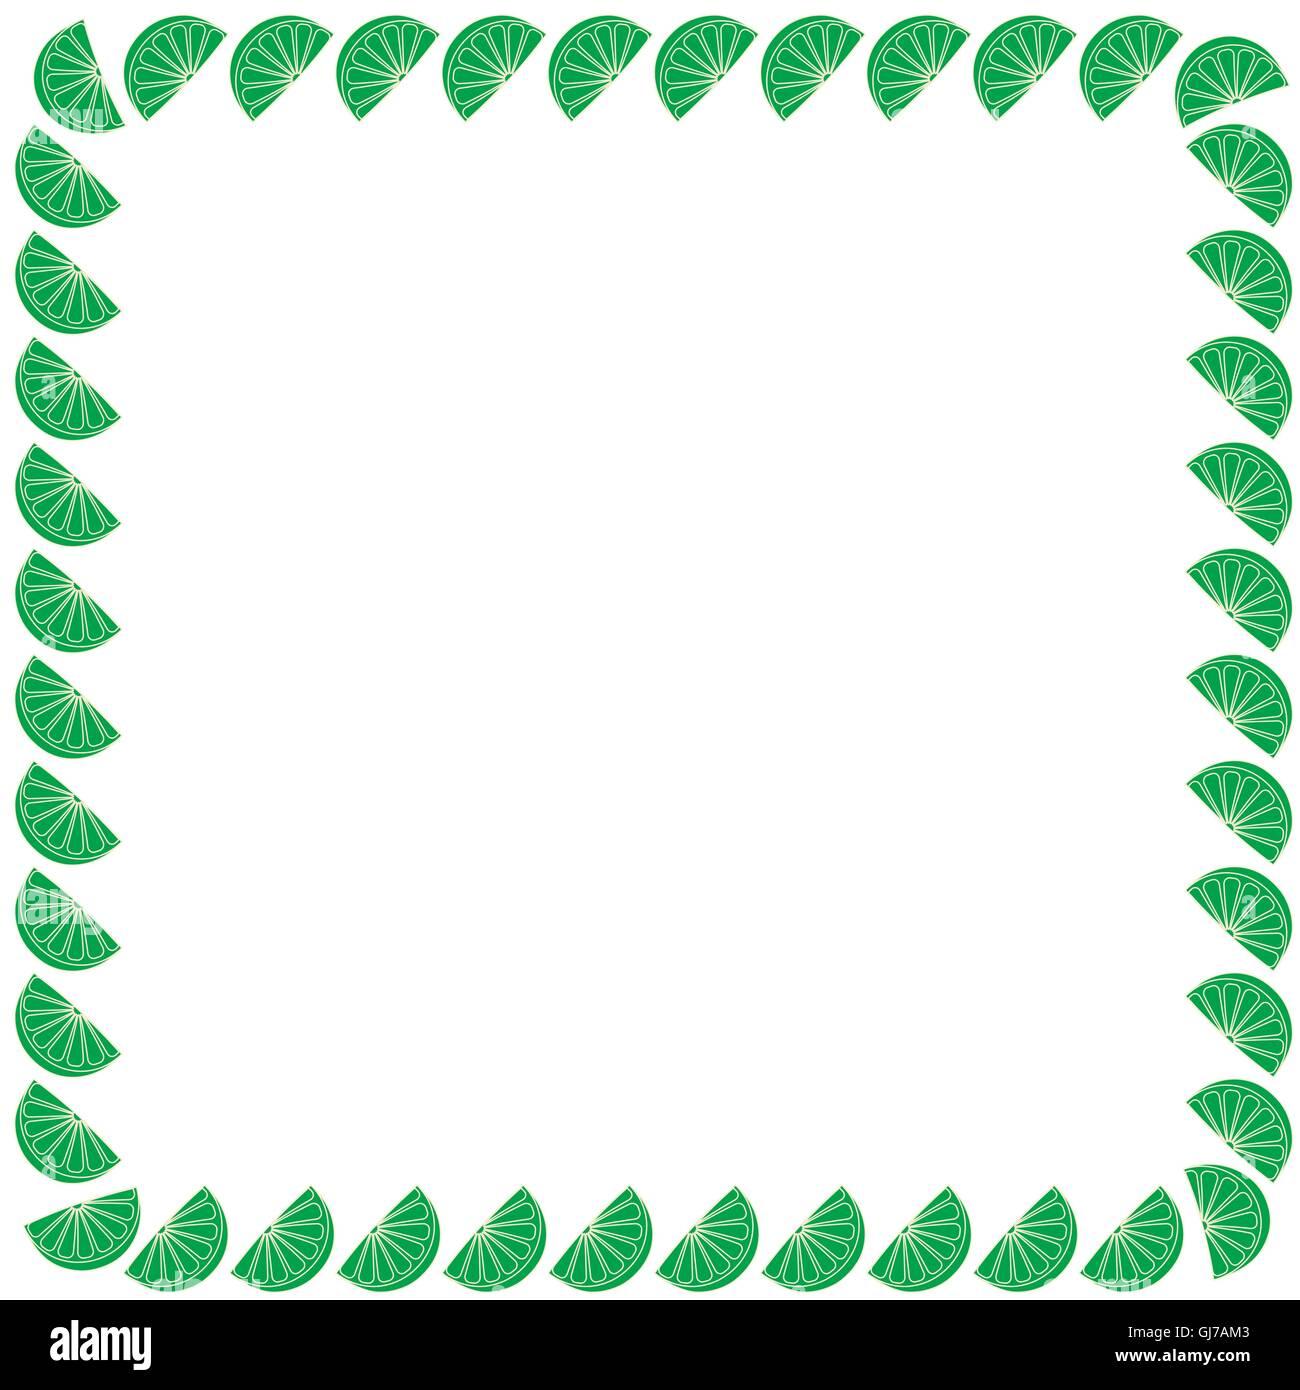 Carino il telaio da fette di arance disposte in un quadrato su sfondo bianco Immagini Stock